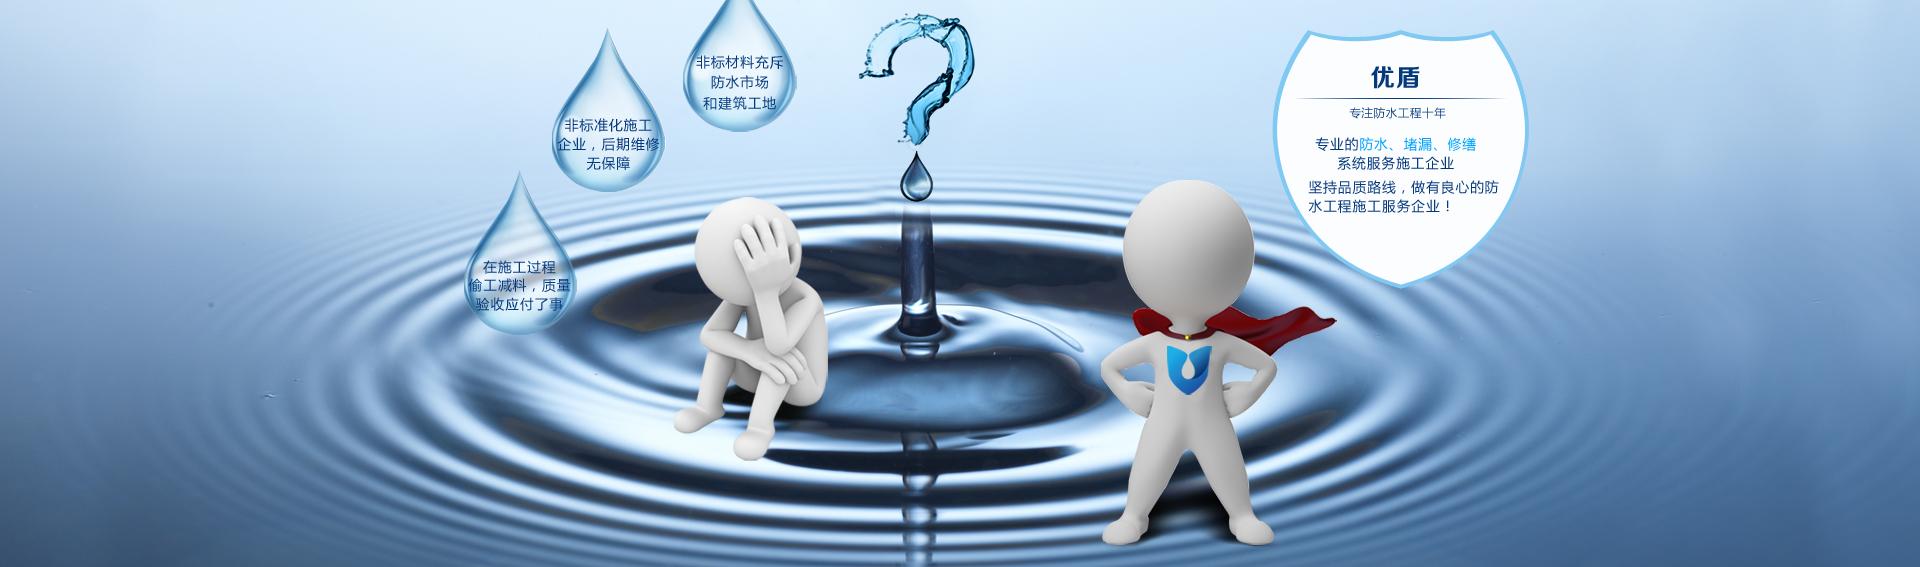 重庆排水工程